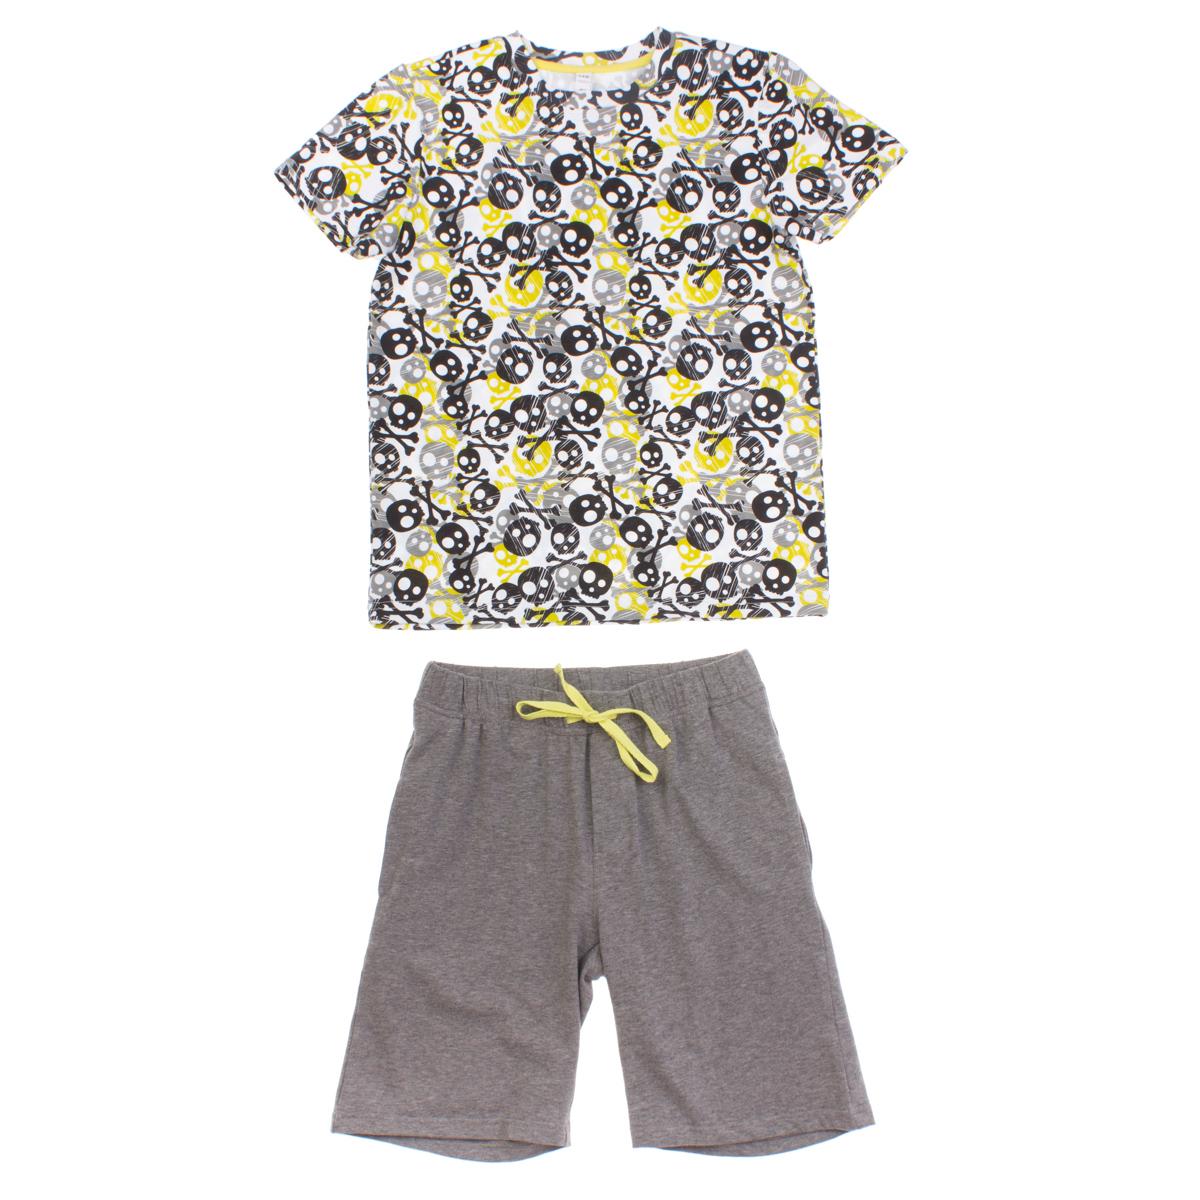 Комплект: футболка, шорты 163101